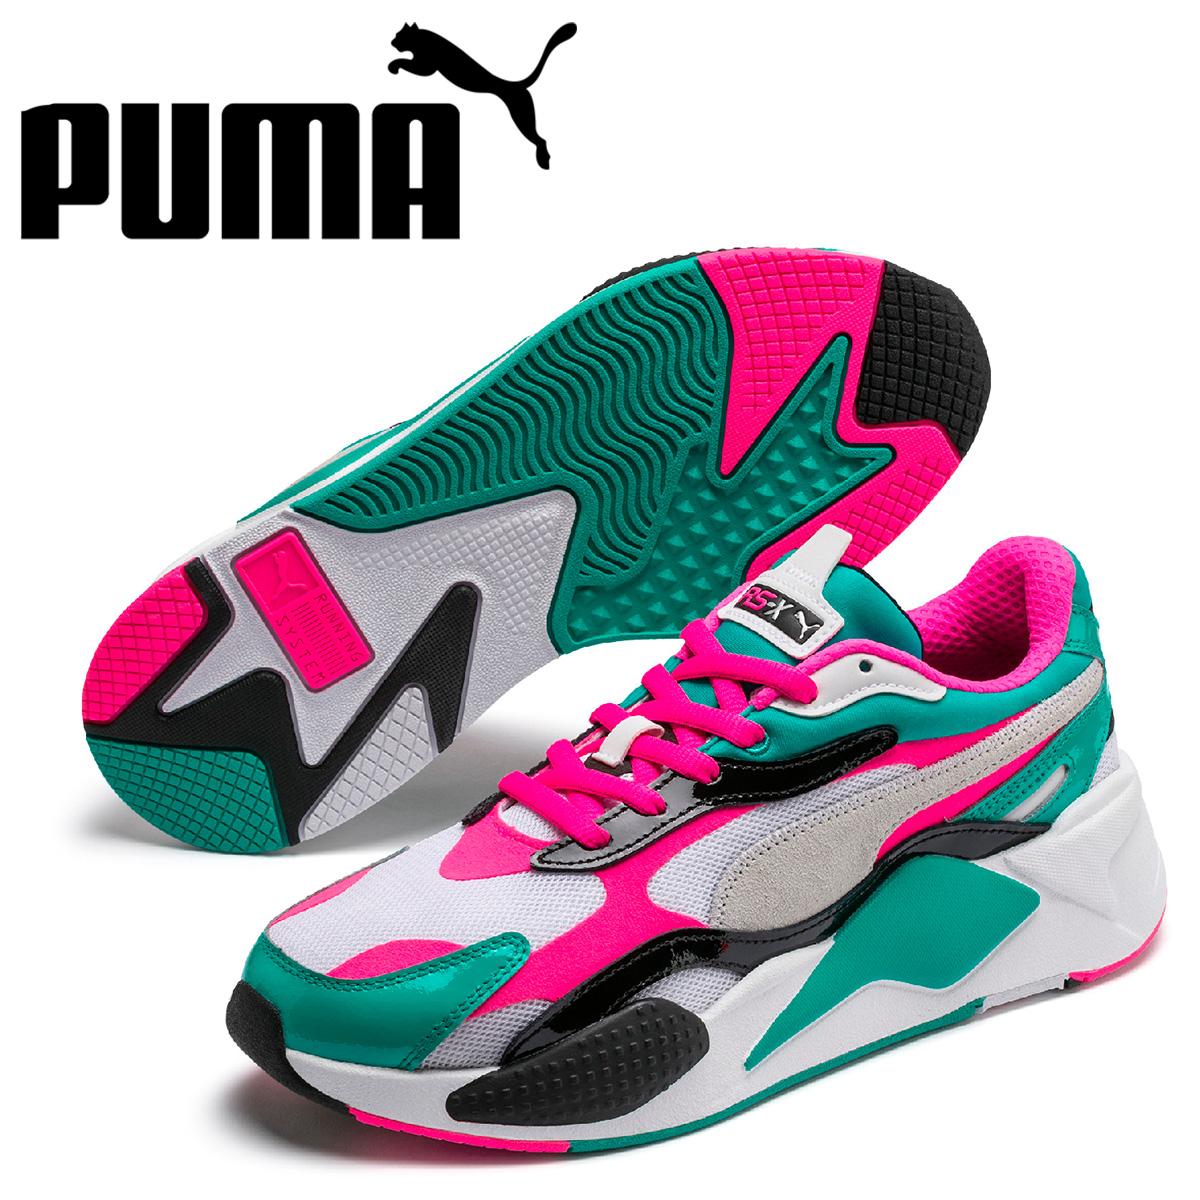 PUMA プーマ スニーカー メンズ RS-X3 PLASTIC ホワイト 白 37156904 [予約 5月上旬 新入荷予定]